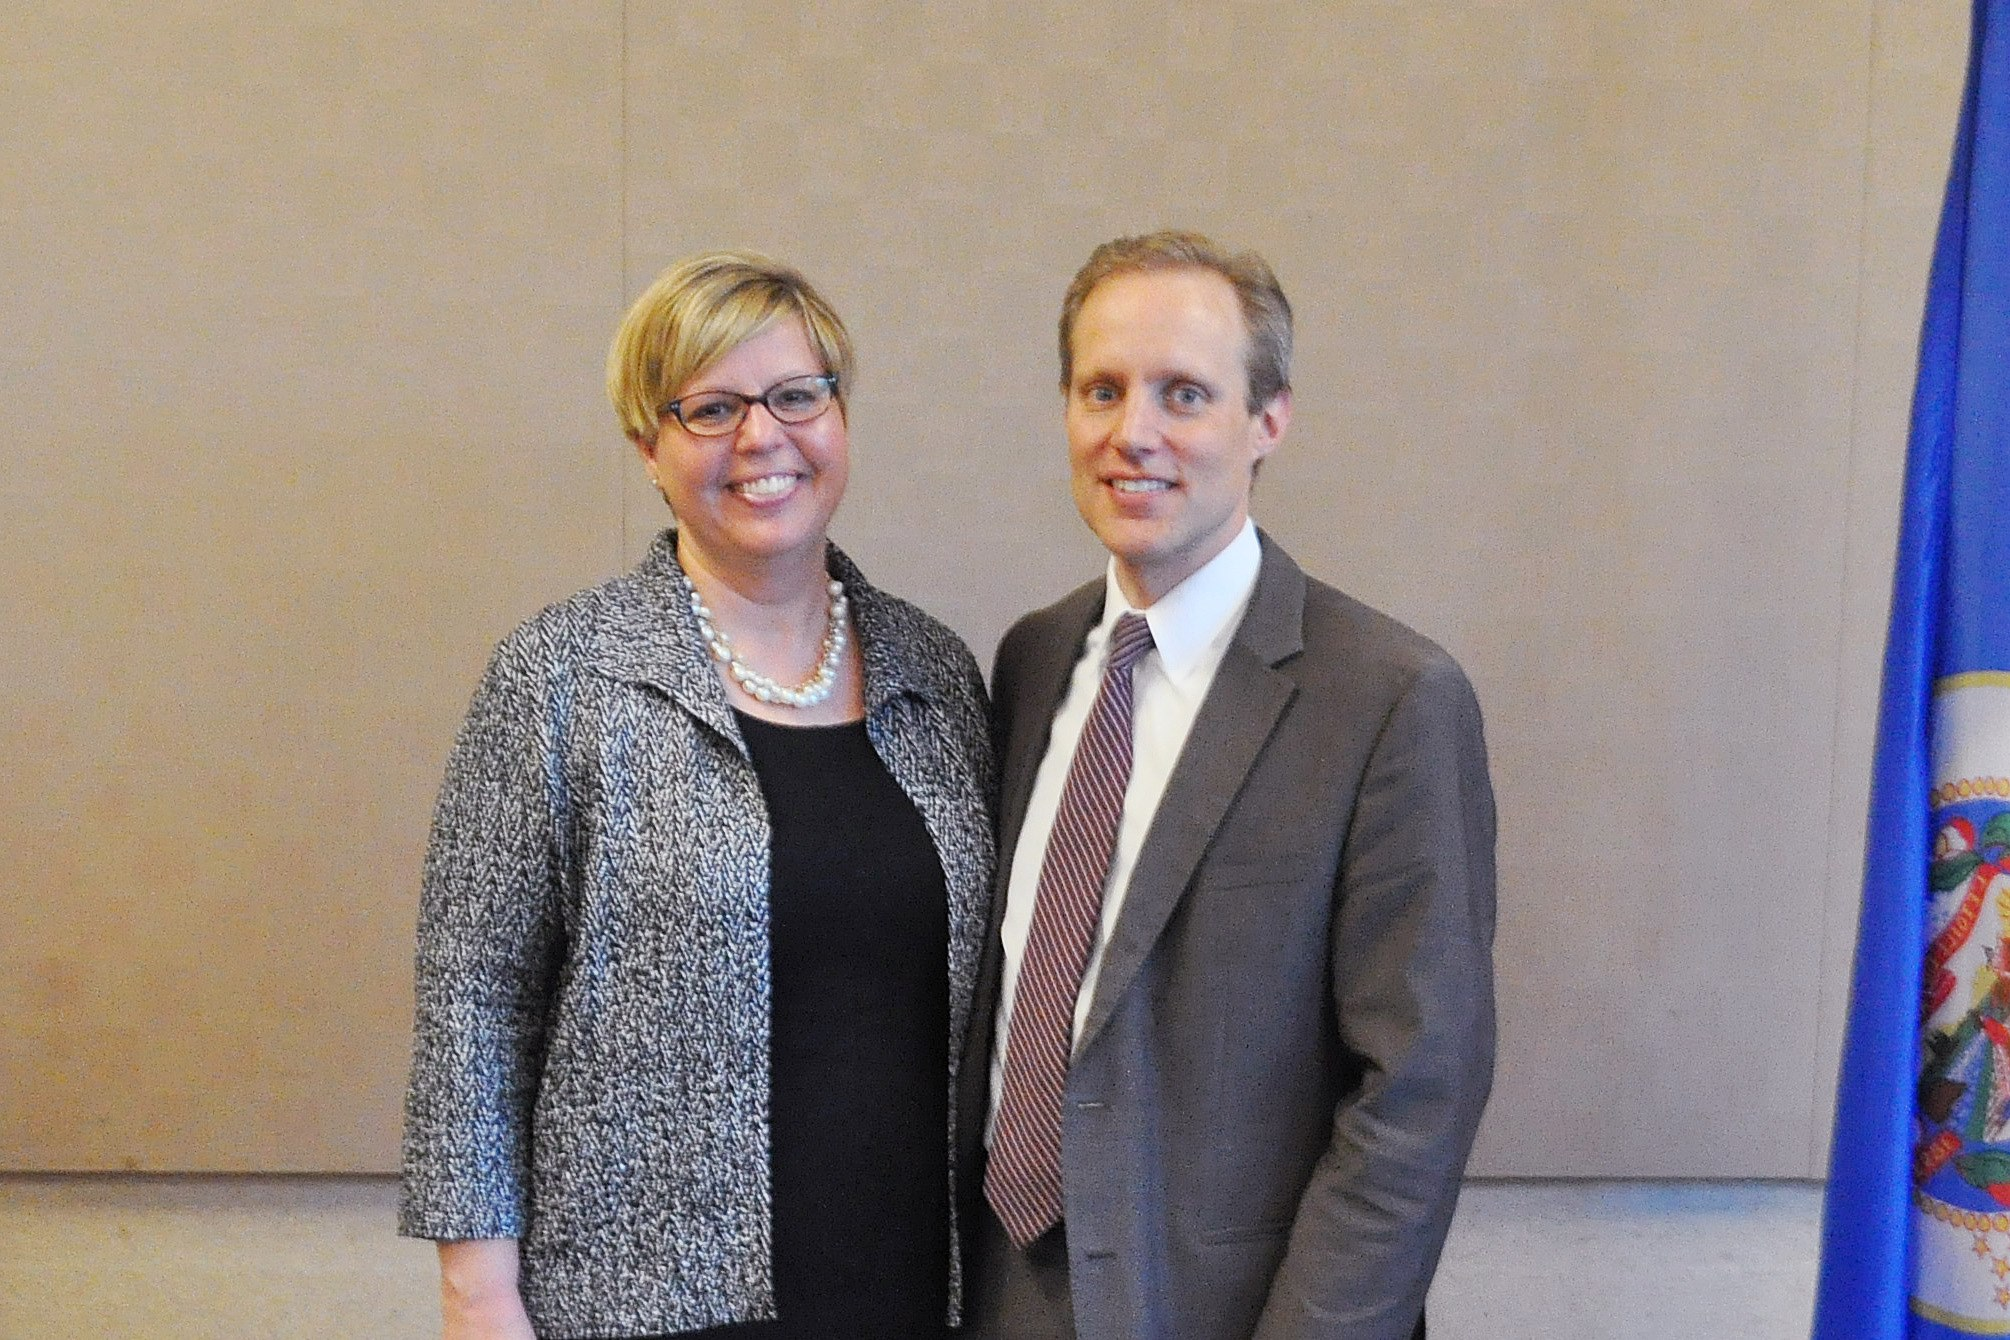 Melinda Hugdahl and Secretary Steve Simon